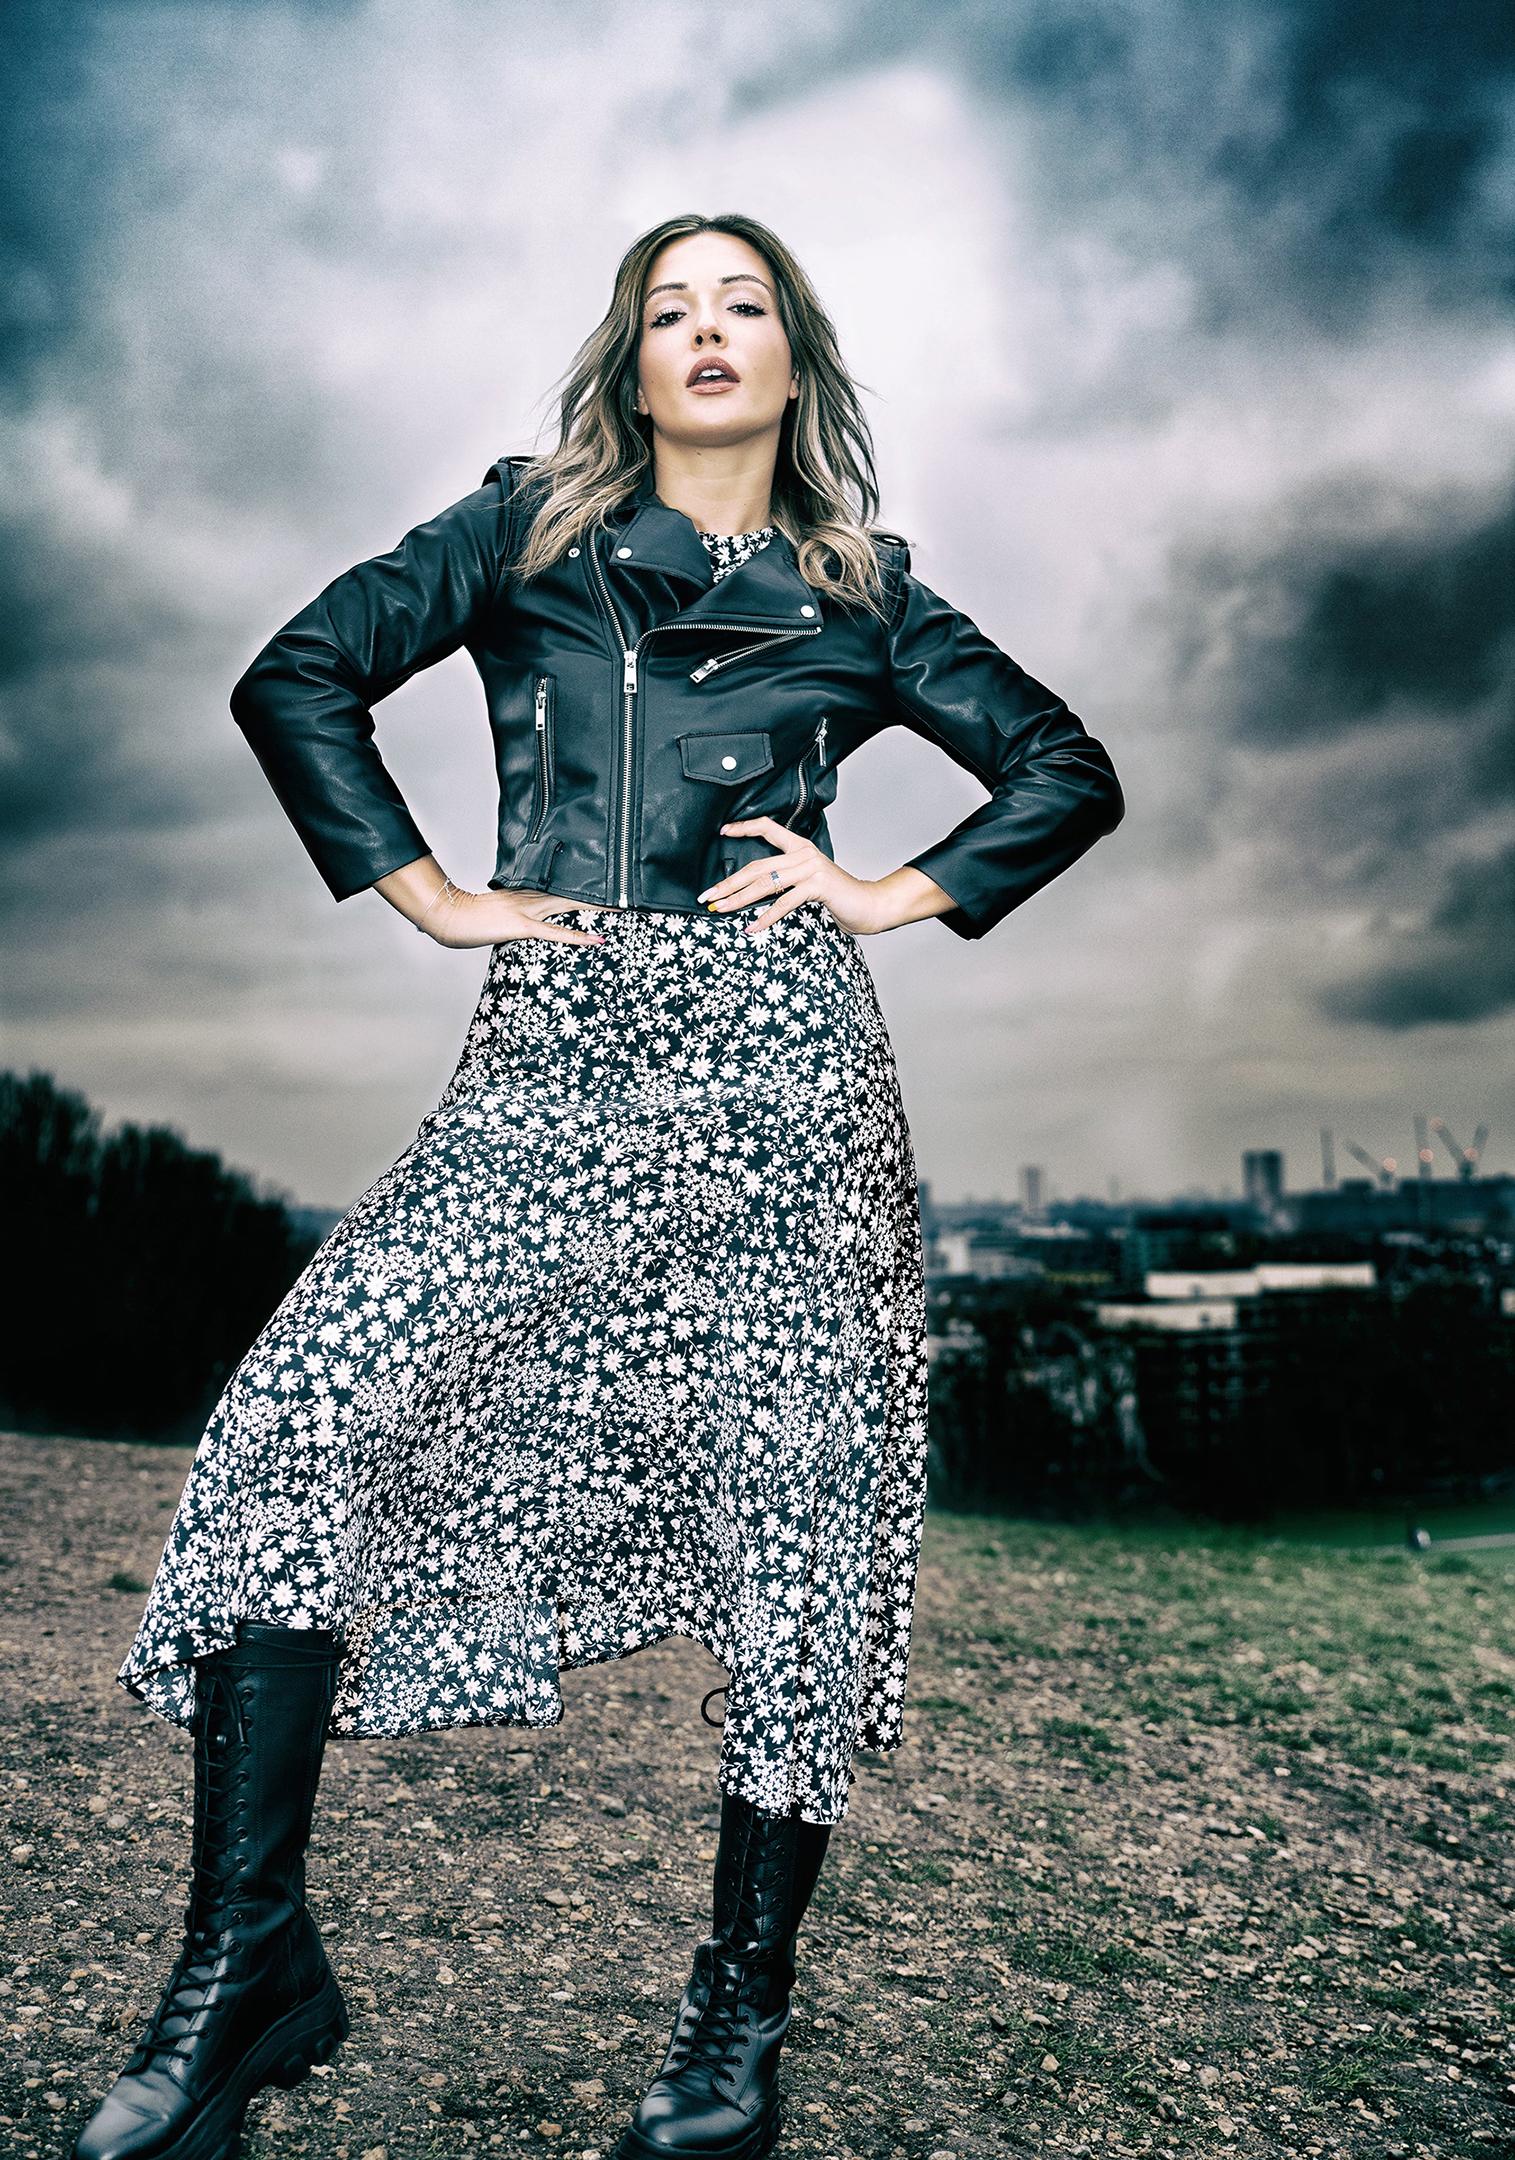 Fierce look fashion editorial Geoff Nichols Photography